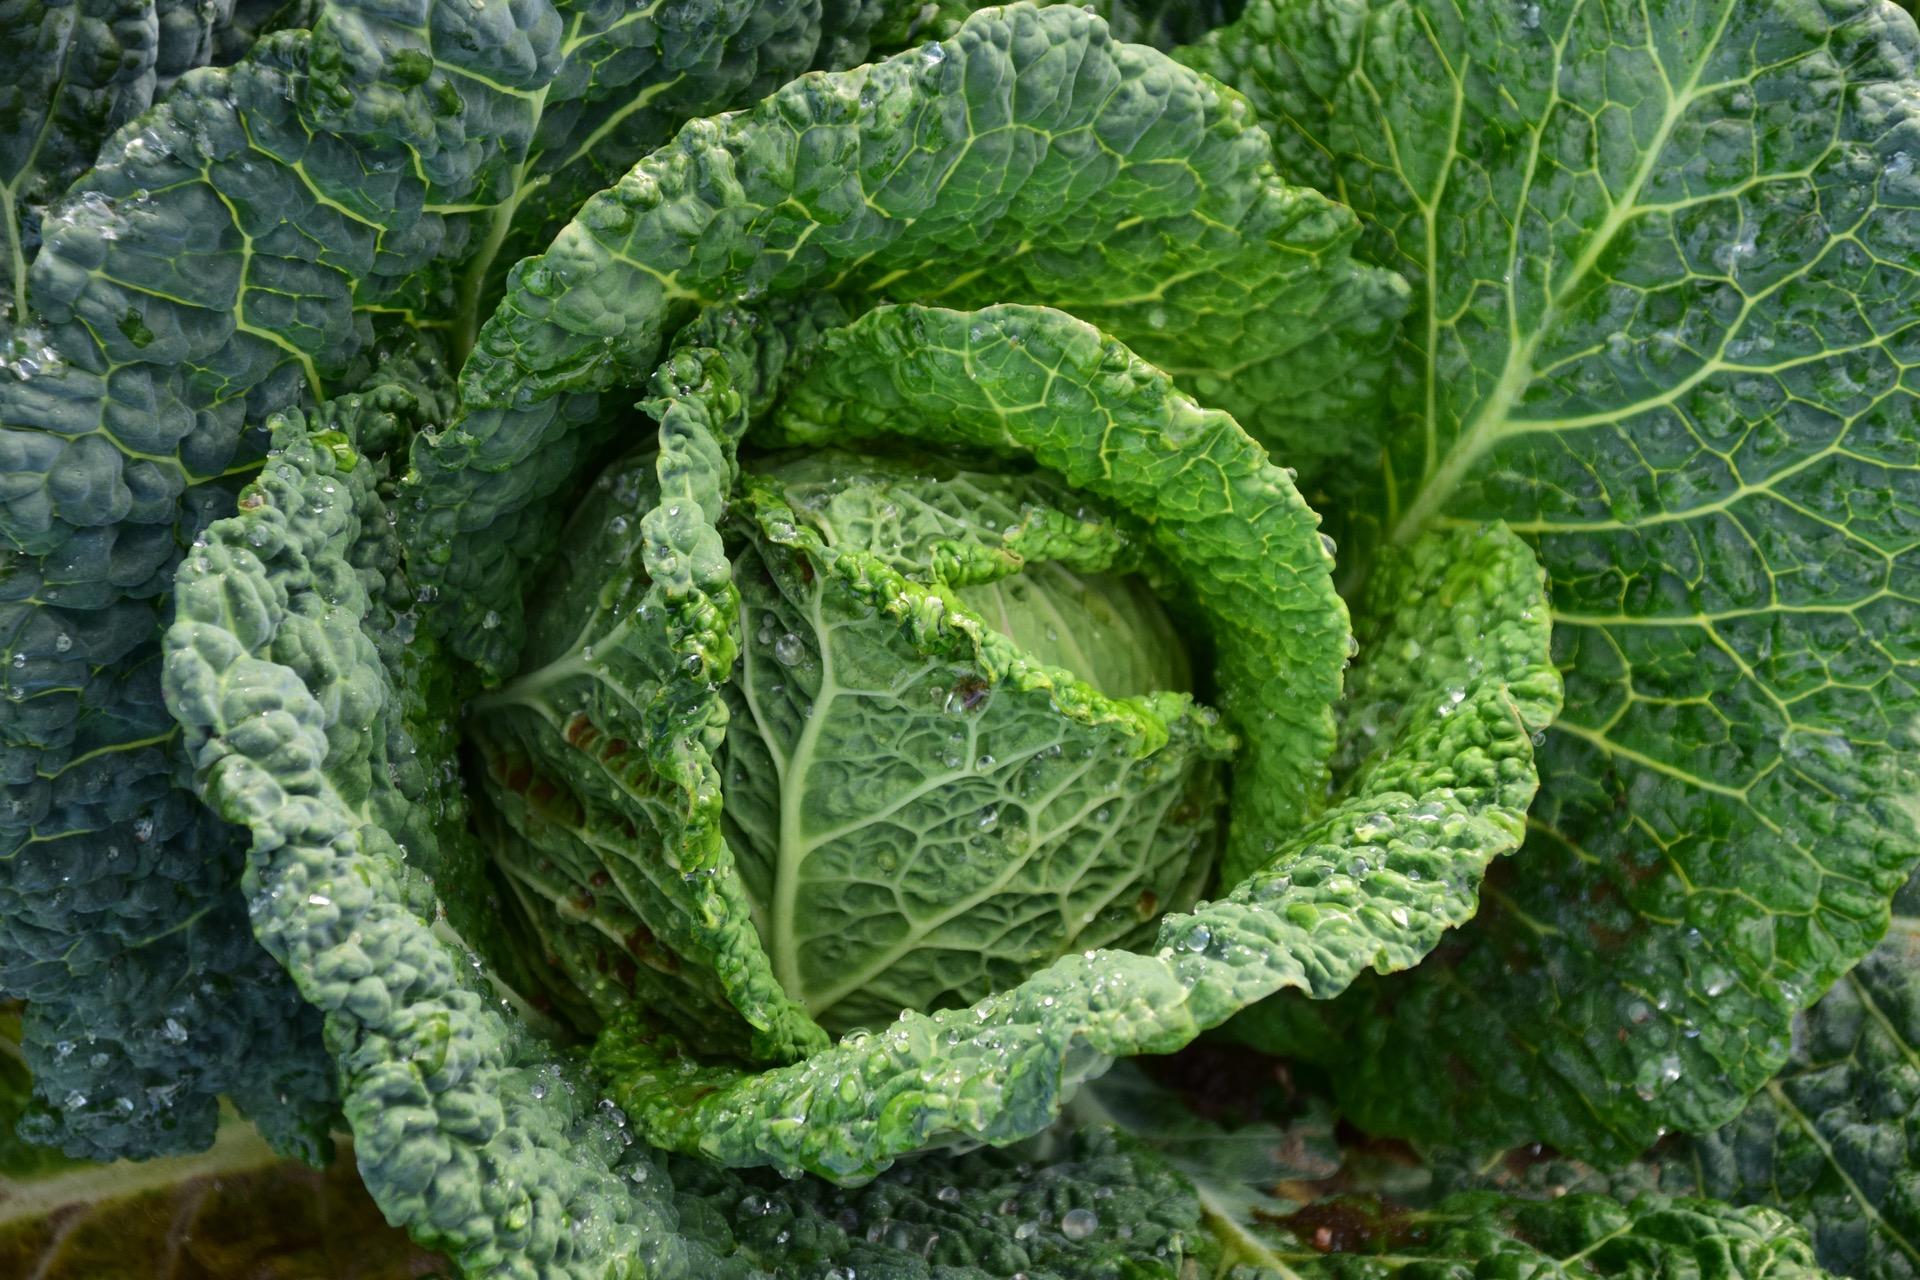 fresh veggies are the best part of gardening